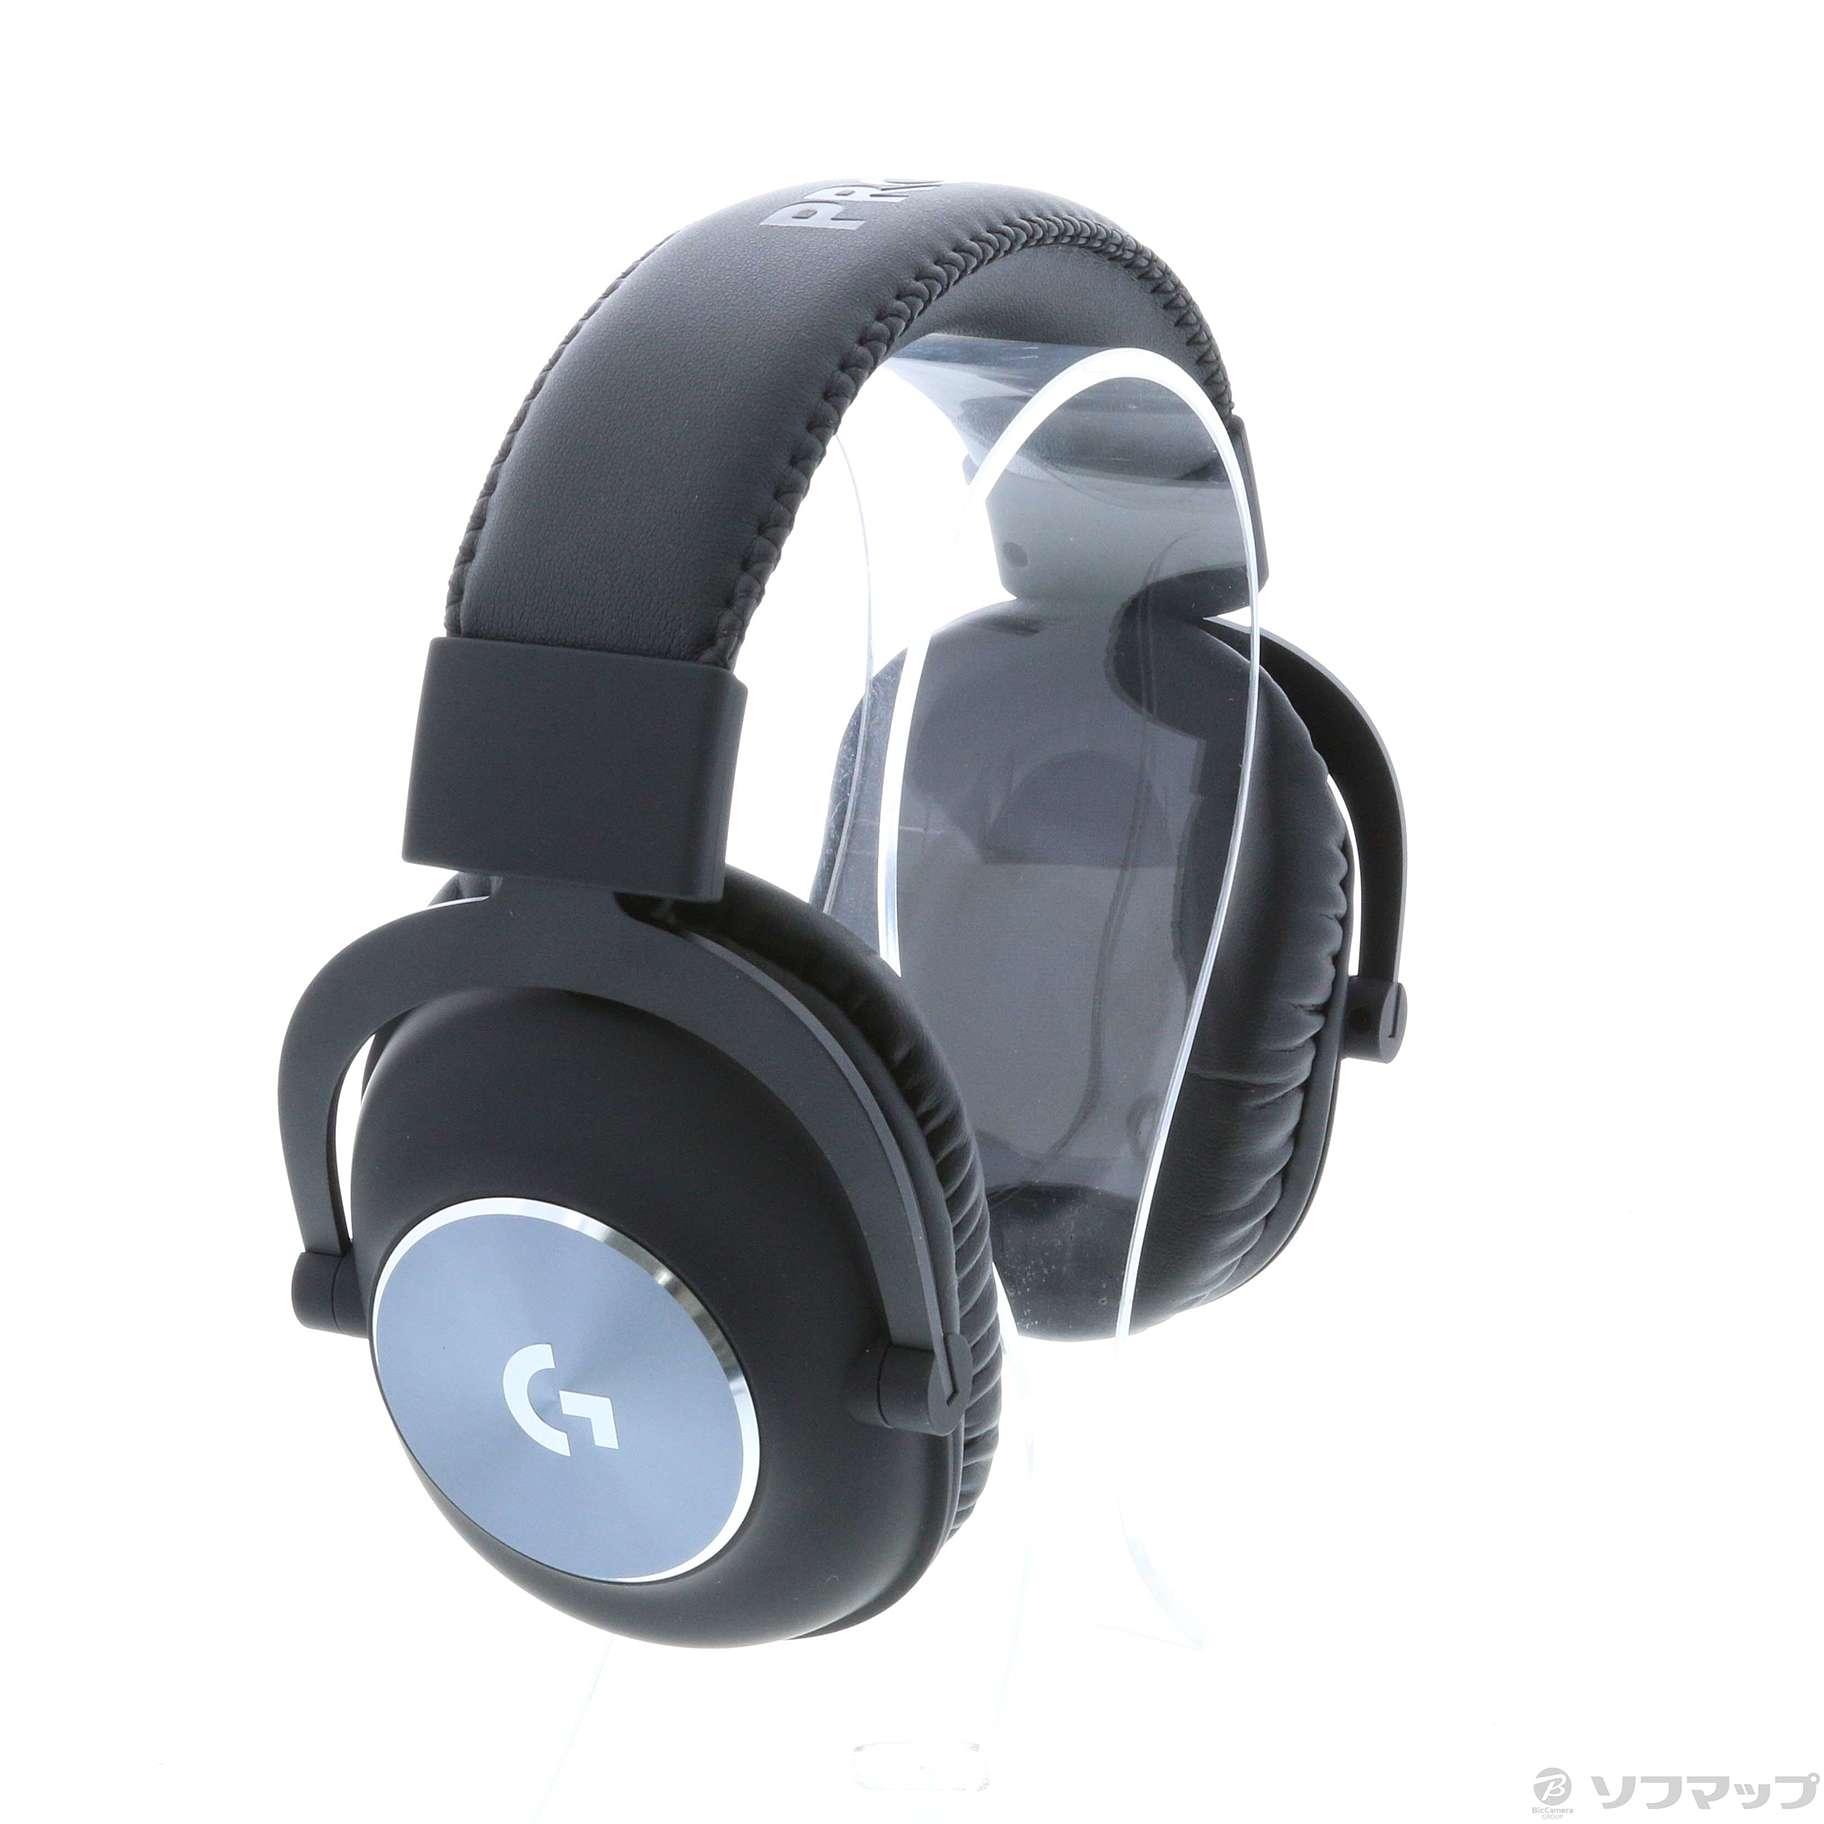 爆売り Logicool ロジクール Logicool G Pro X Gaming Headset G Phs 003 291 Ud 新入荷 Www Generalenterprise It